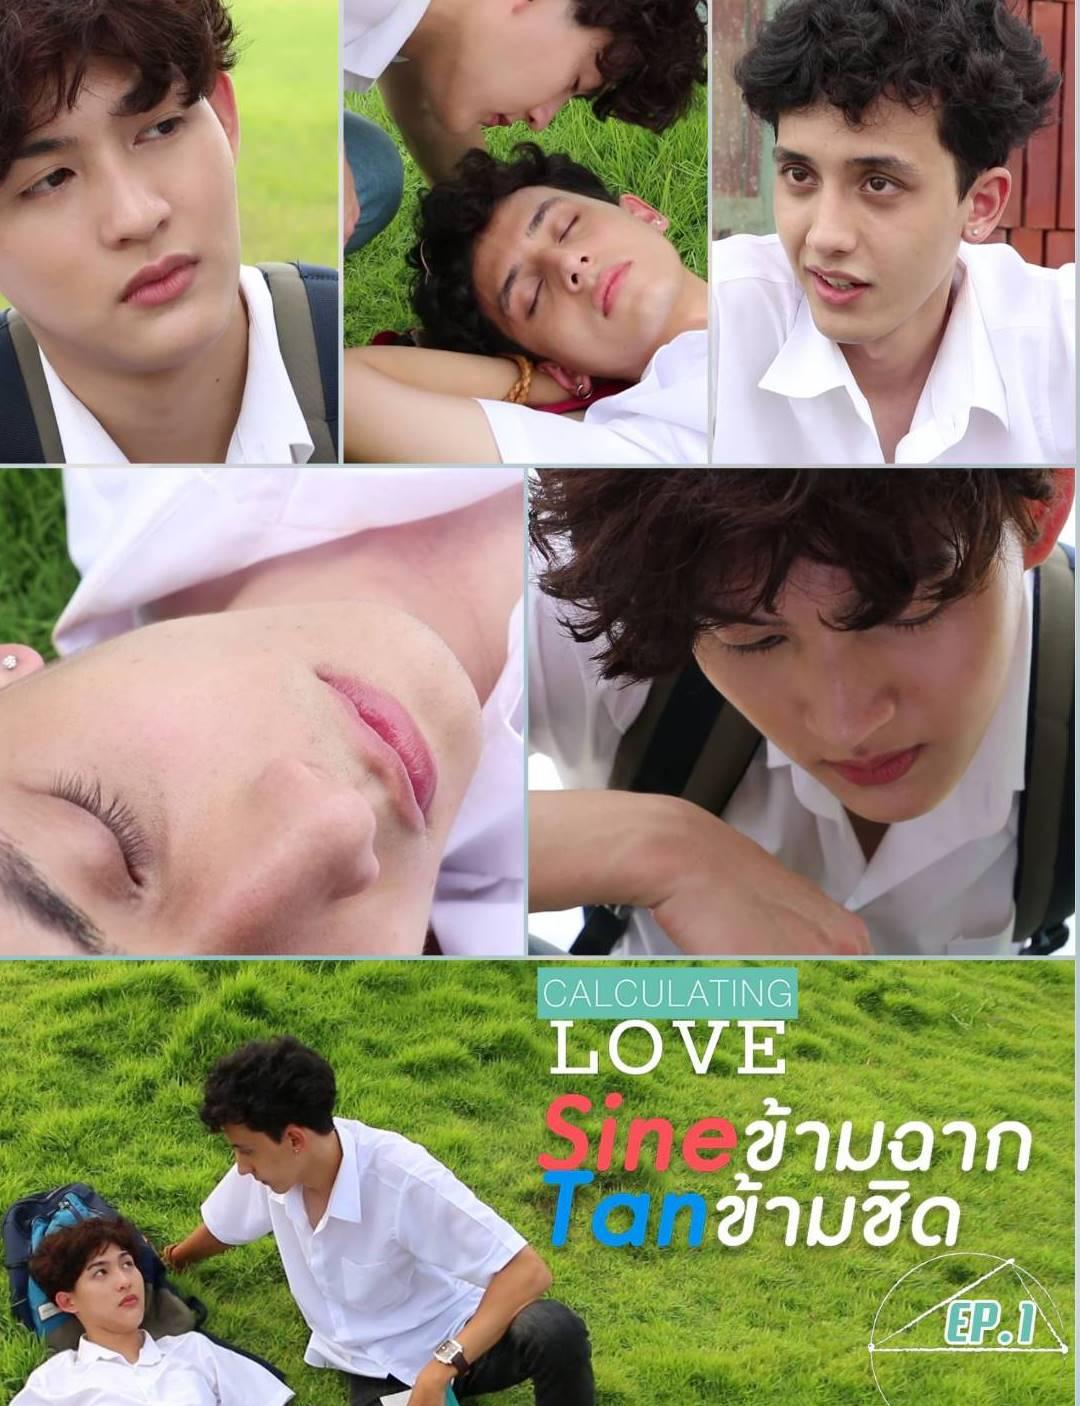 >ซีรี่ย์ไทย Calculating Love (2020) Sineข้ามฉาก Tanข้ามชิด ตอนที่ 1-6 พากย์ไทย